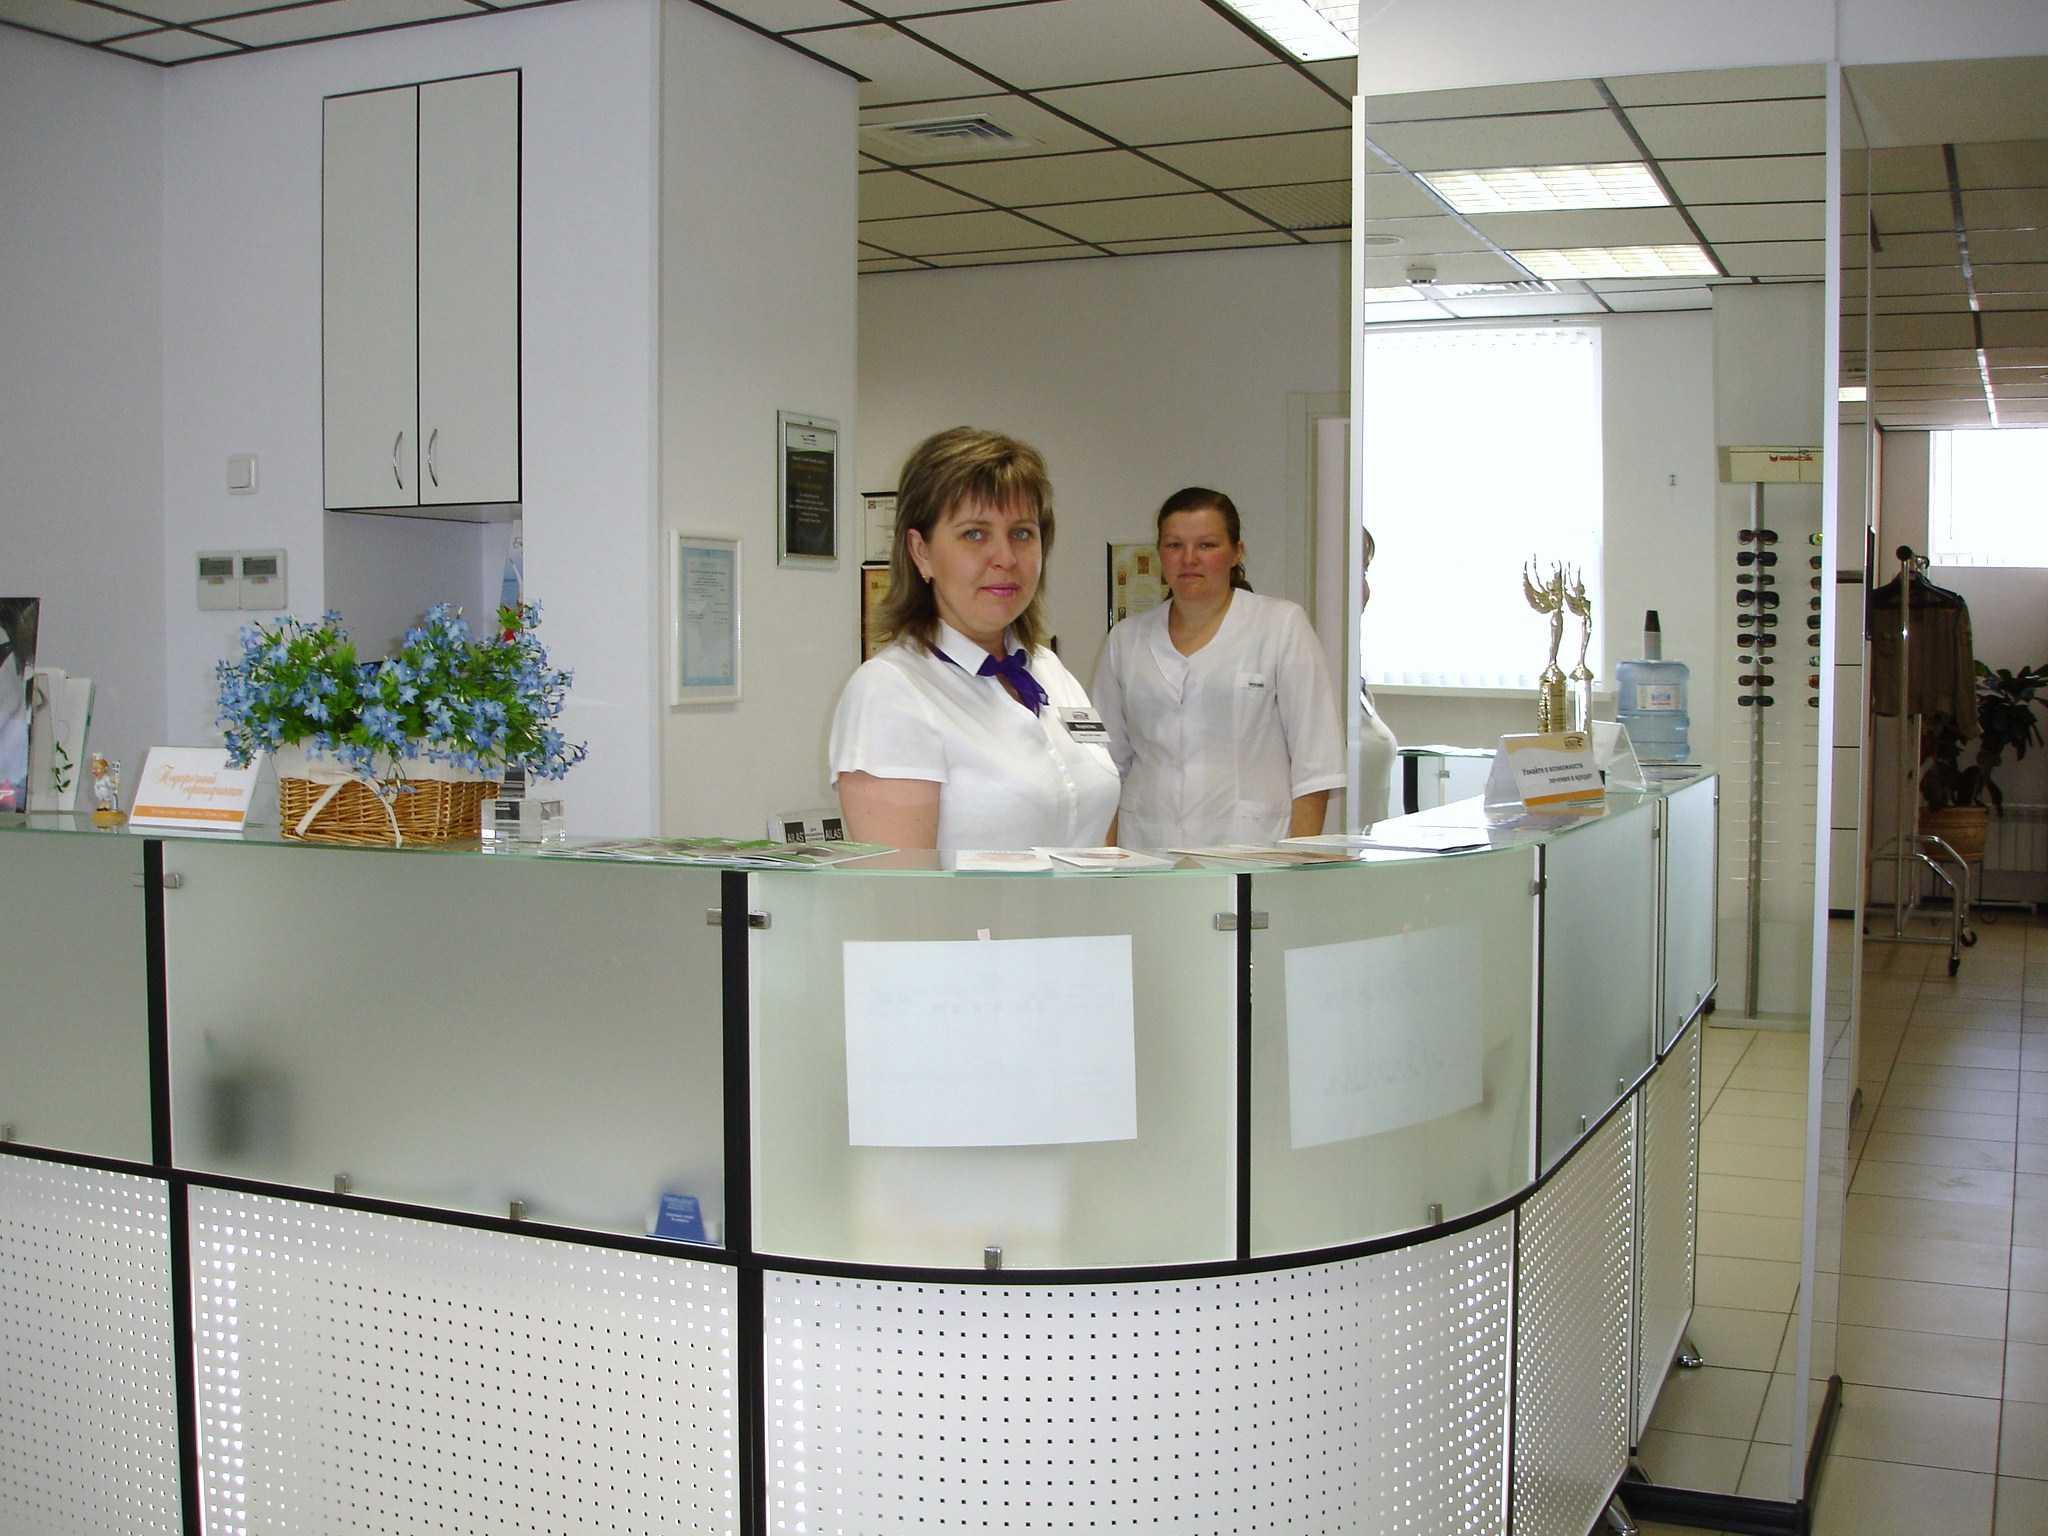 Медицинский центр офтальмология 3 фотография